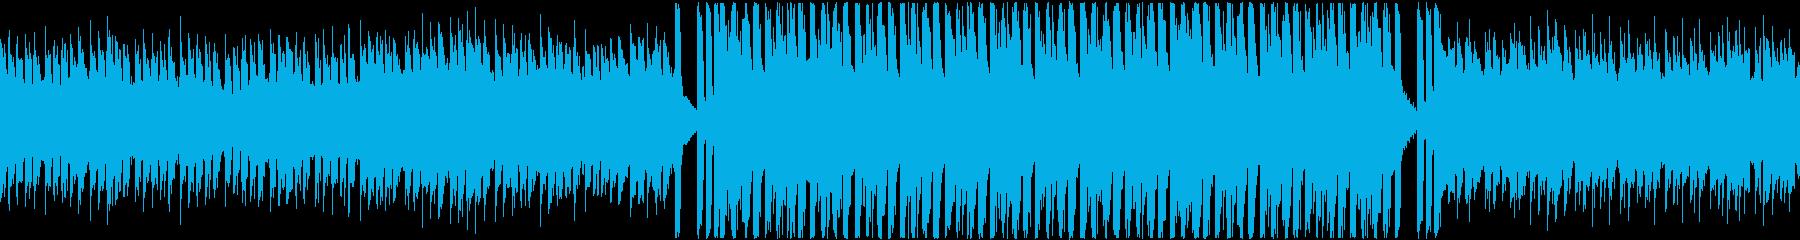 空を飛ぶような疾走感のあるテクノ曲の再生済みの波形